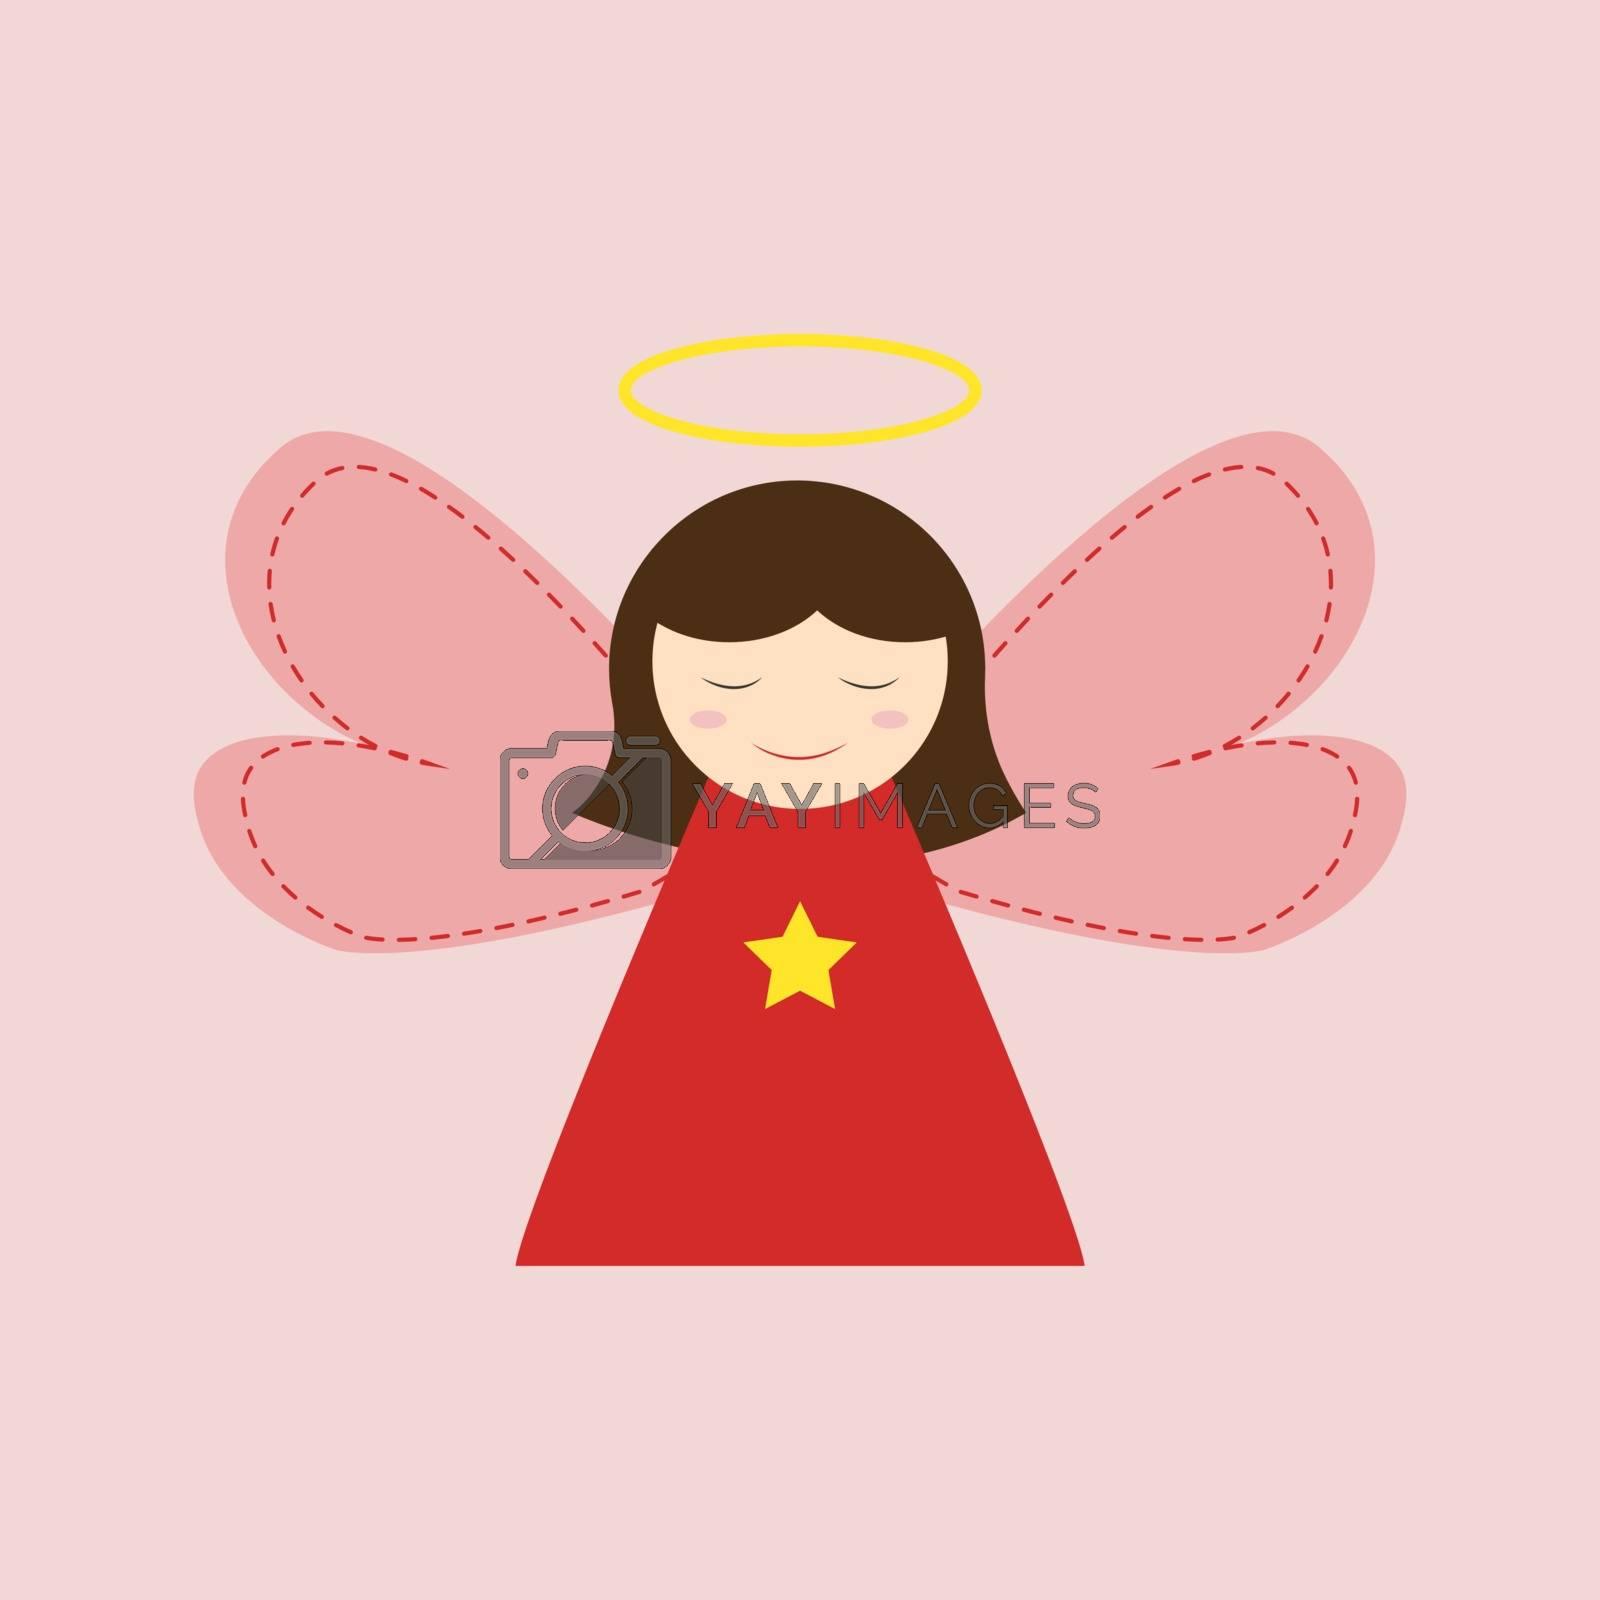 Angel girl, illustration, vector on white background.